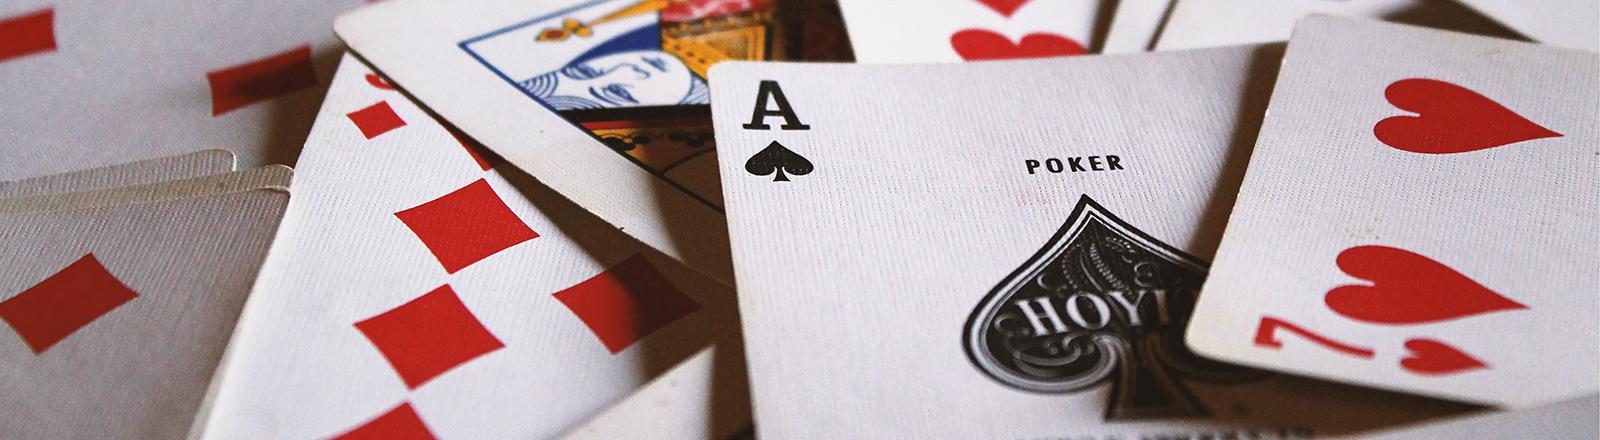 Spielkarten liegen verstreut auf einem Tisch